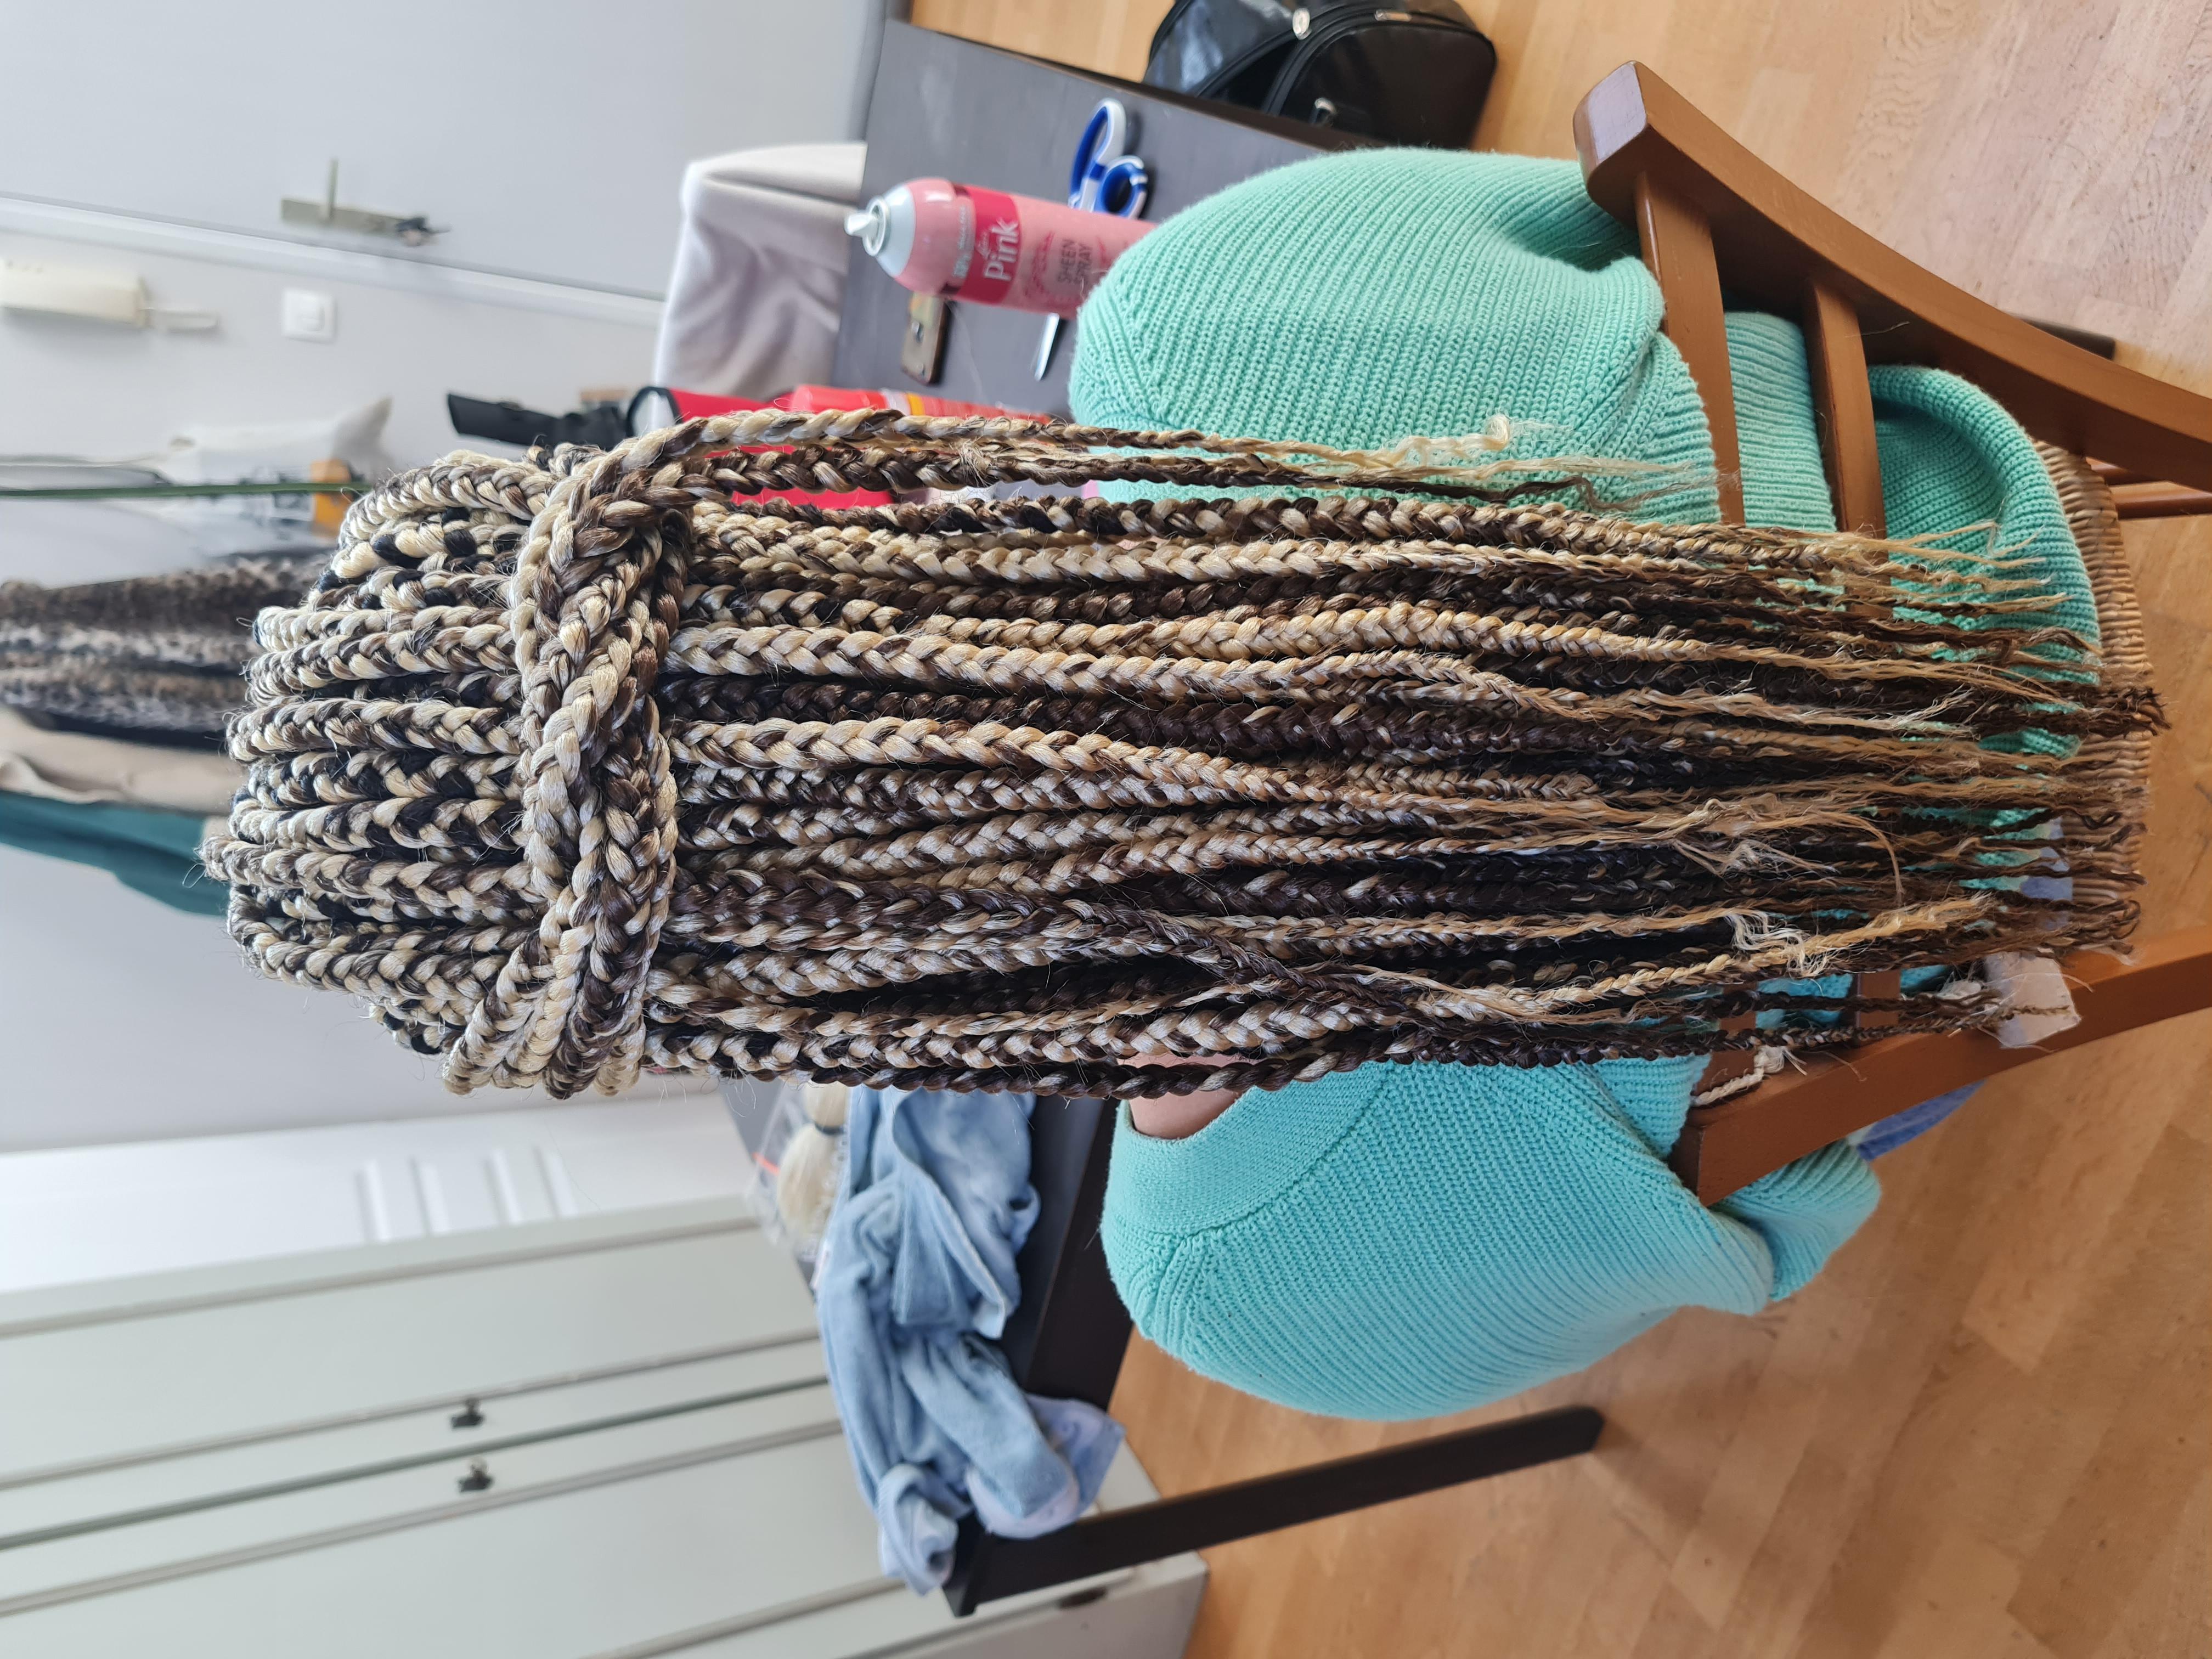 salon de coiffure afro tresse tresses box braids crochet braids vanilles tissages paris 75 77 78 91 92 93 94 95 PMJCDBVY